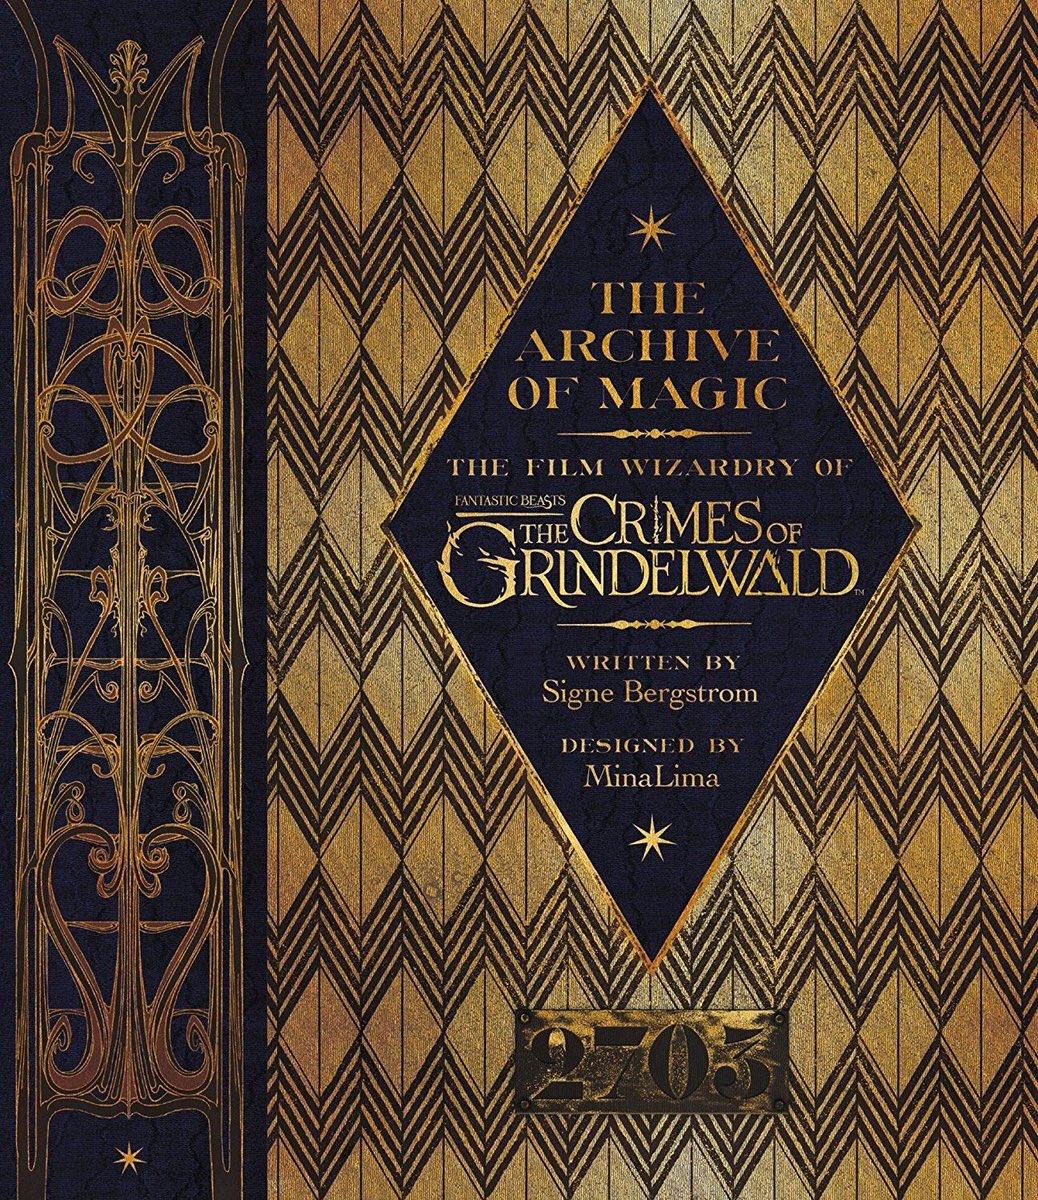 Nouveau livre prévu sur #FantasticBeasts : Les Crimes de Grindelwald avec un design 100% @minalima Le design reprend les coffres forts que nous avons aperçu sur une photo promo du film avec Norbert et Tina. 2703 serait-il le coffre de Grindelwald ?  - FestivalFocus